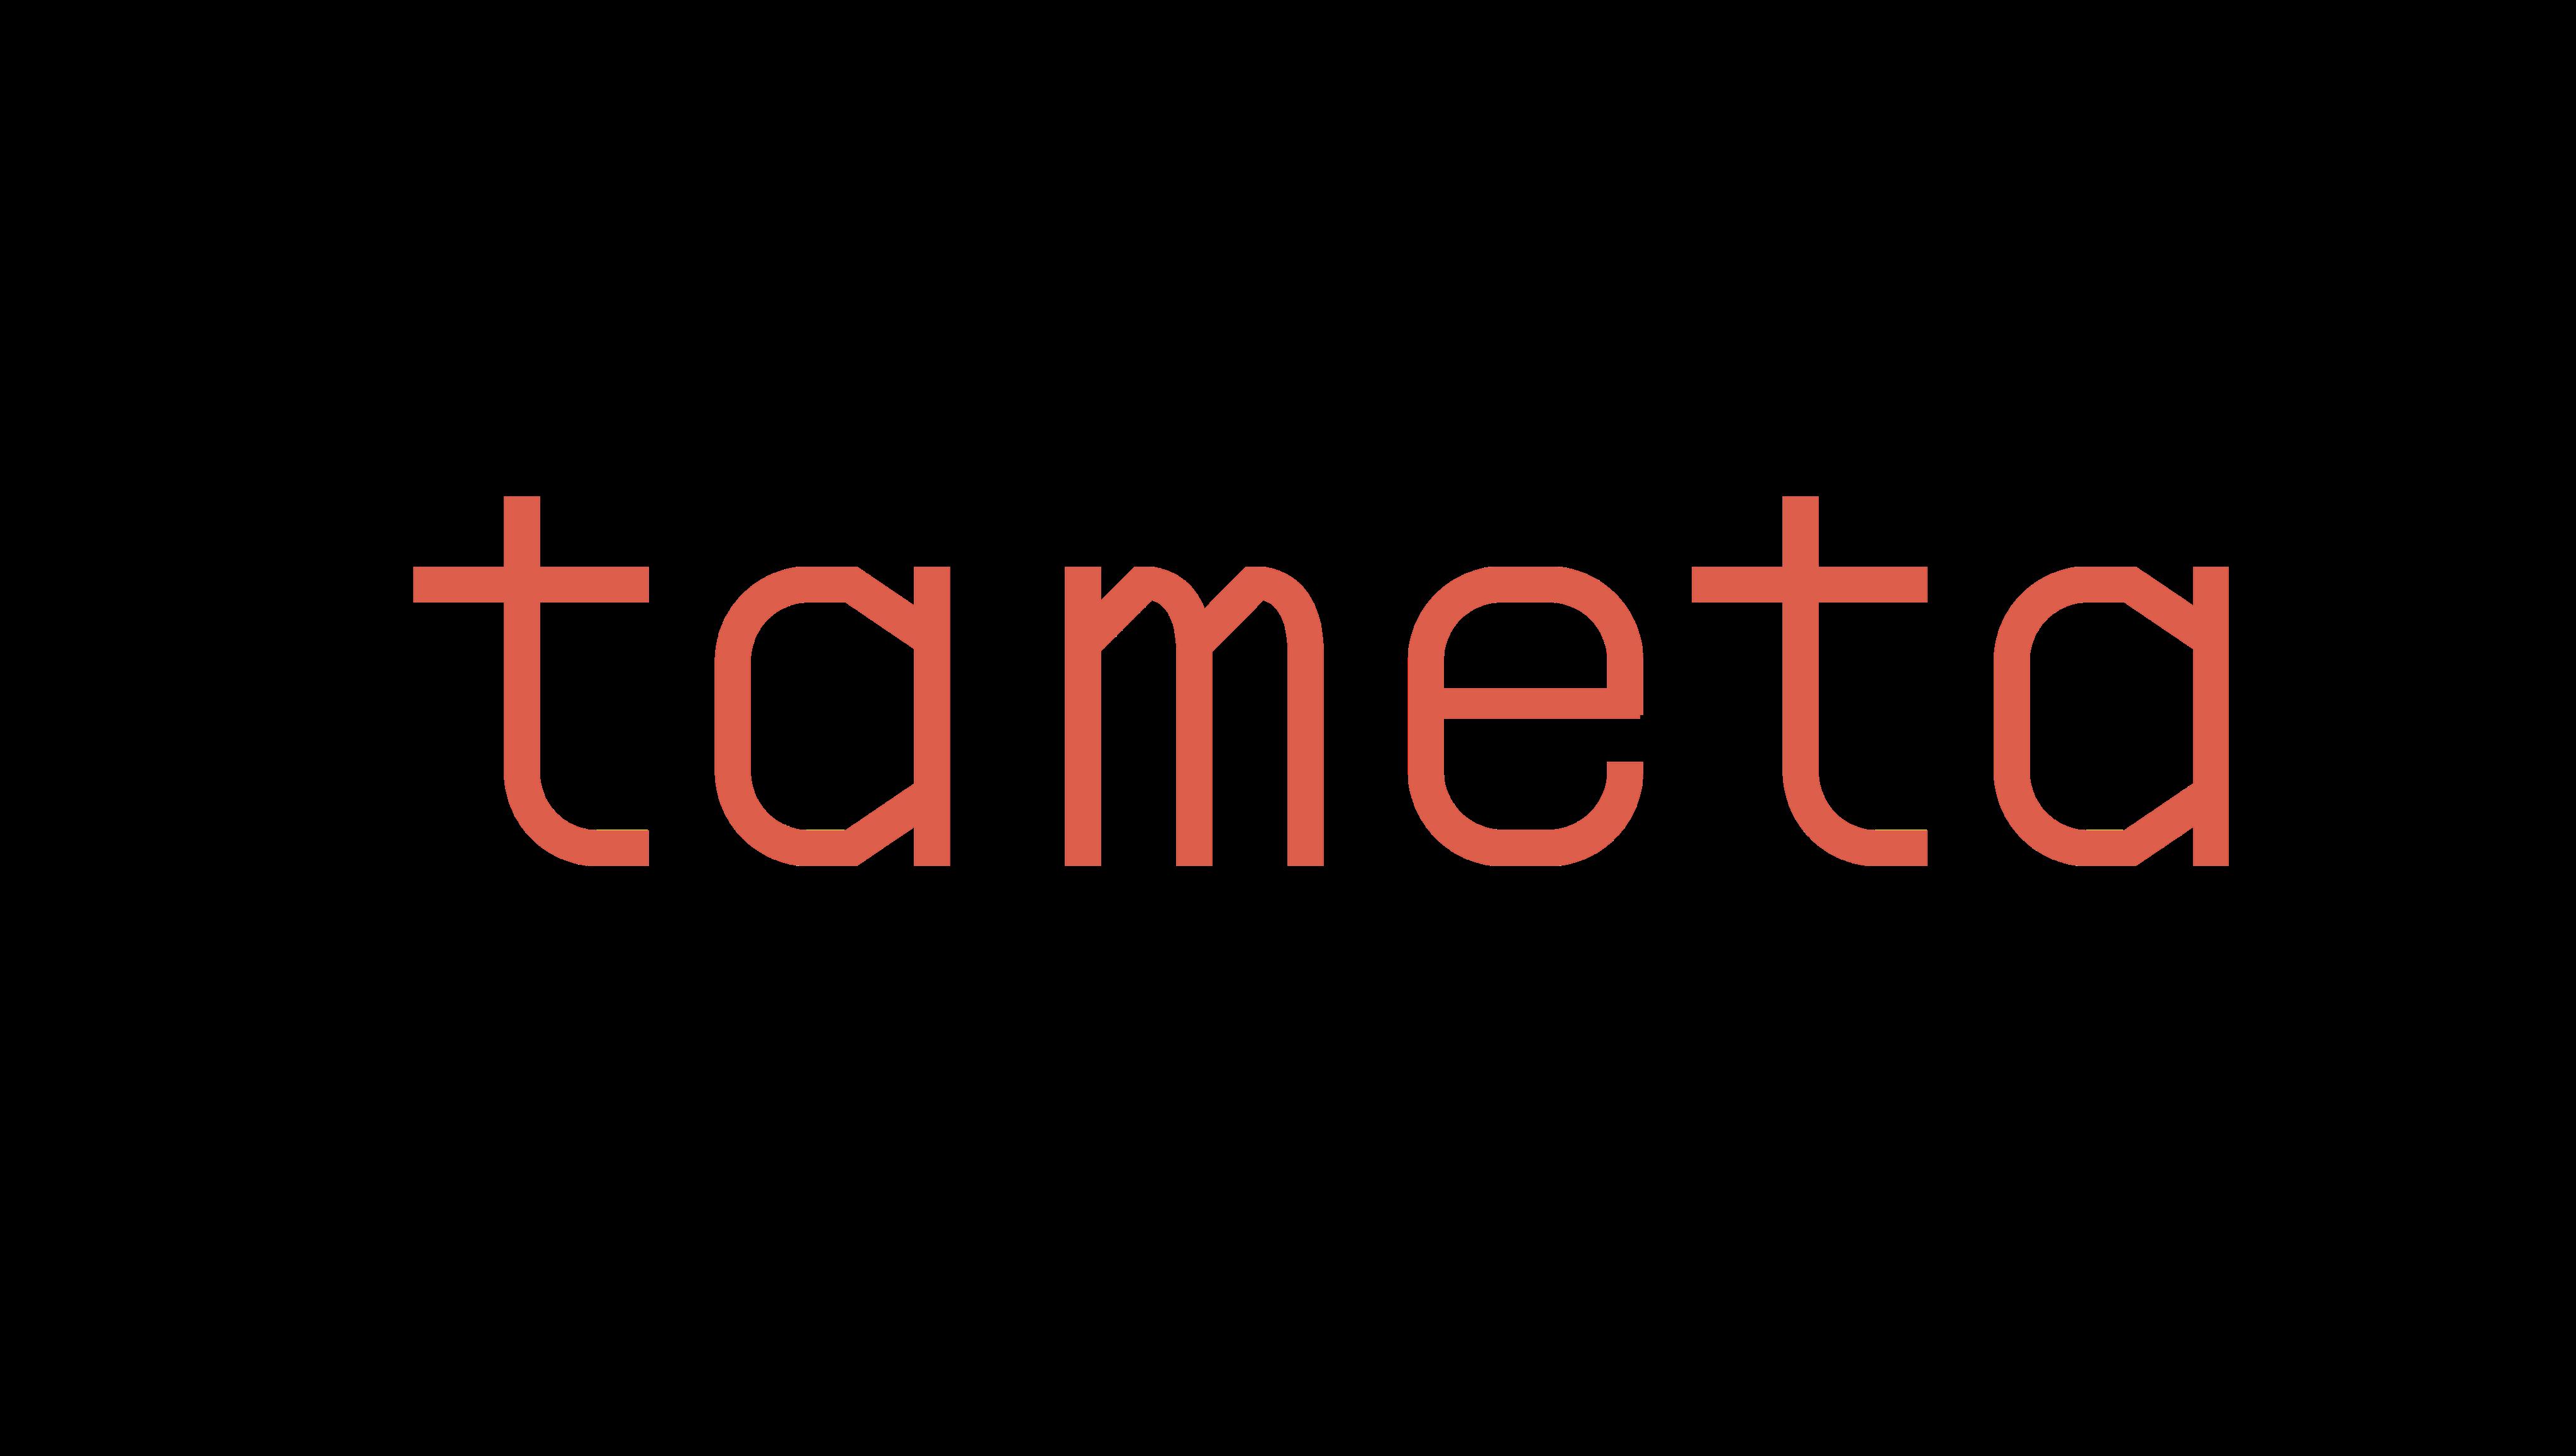 Jamie Tameta